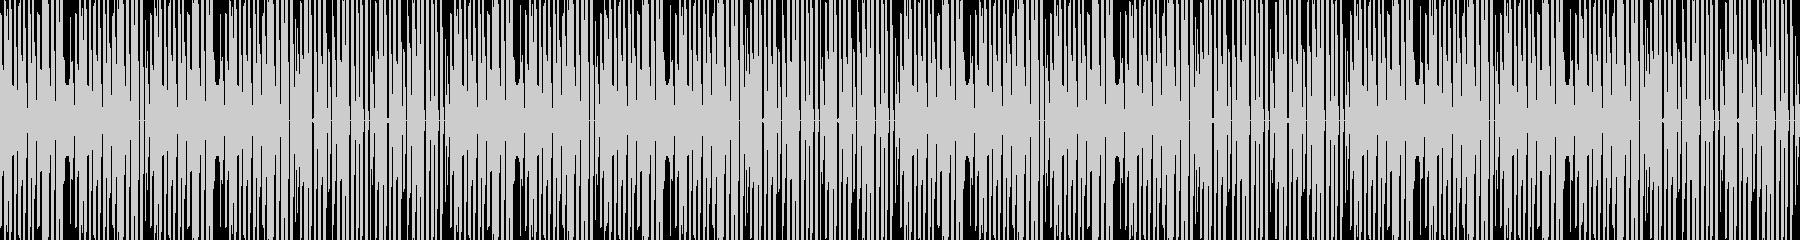 ほのぼの可愛いチップチューン ループの未再生の波形